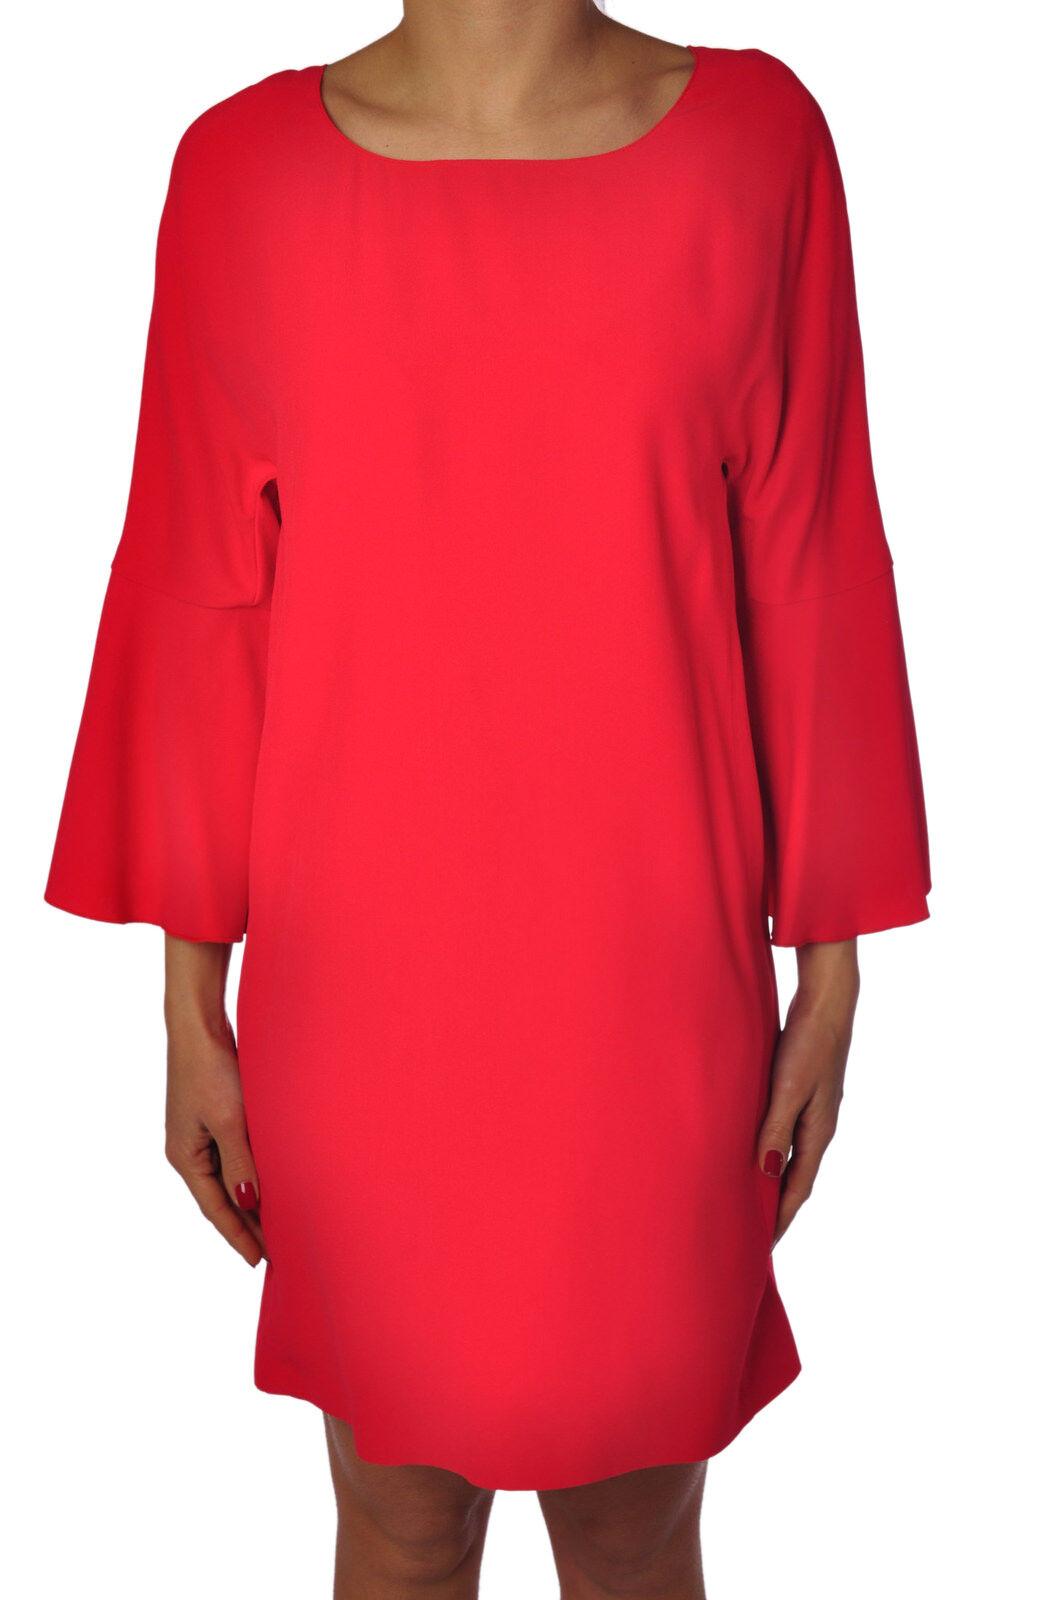 Dondup - Dresses-Dress  - woman - 764817C181311  Ahorre 60% de descuento y envío rápido a todo el mundo.